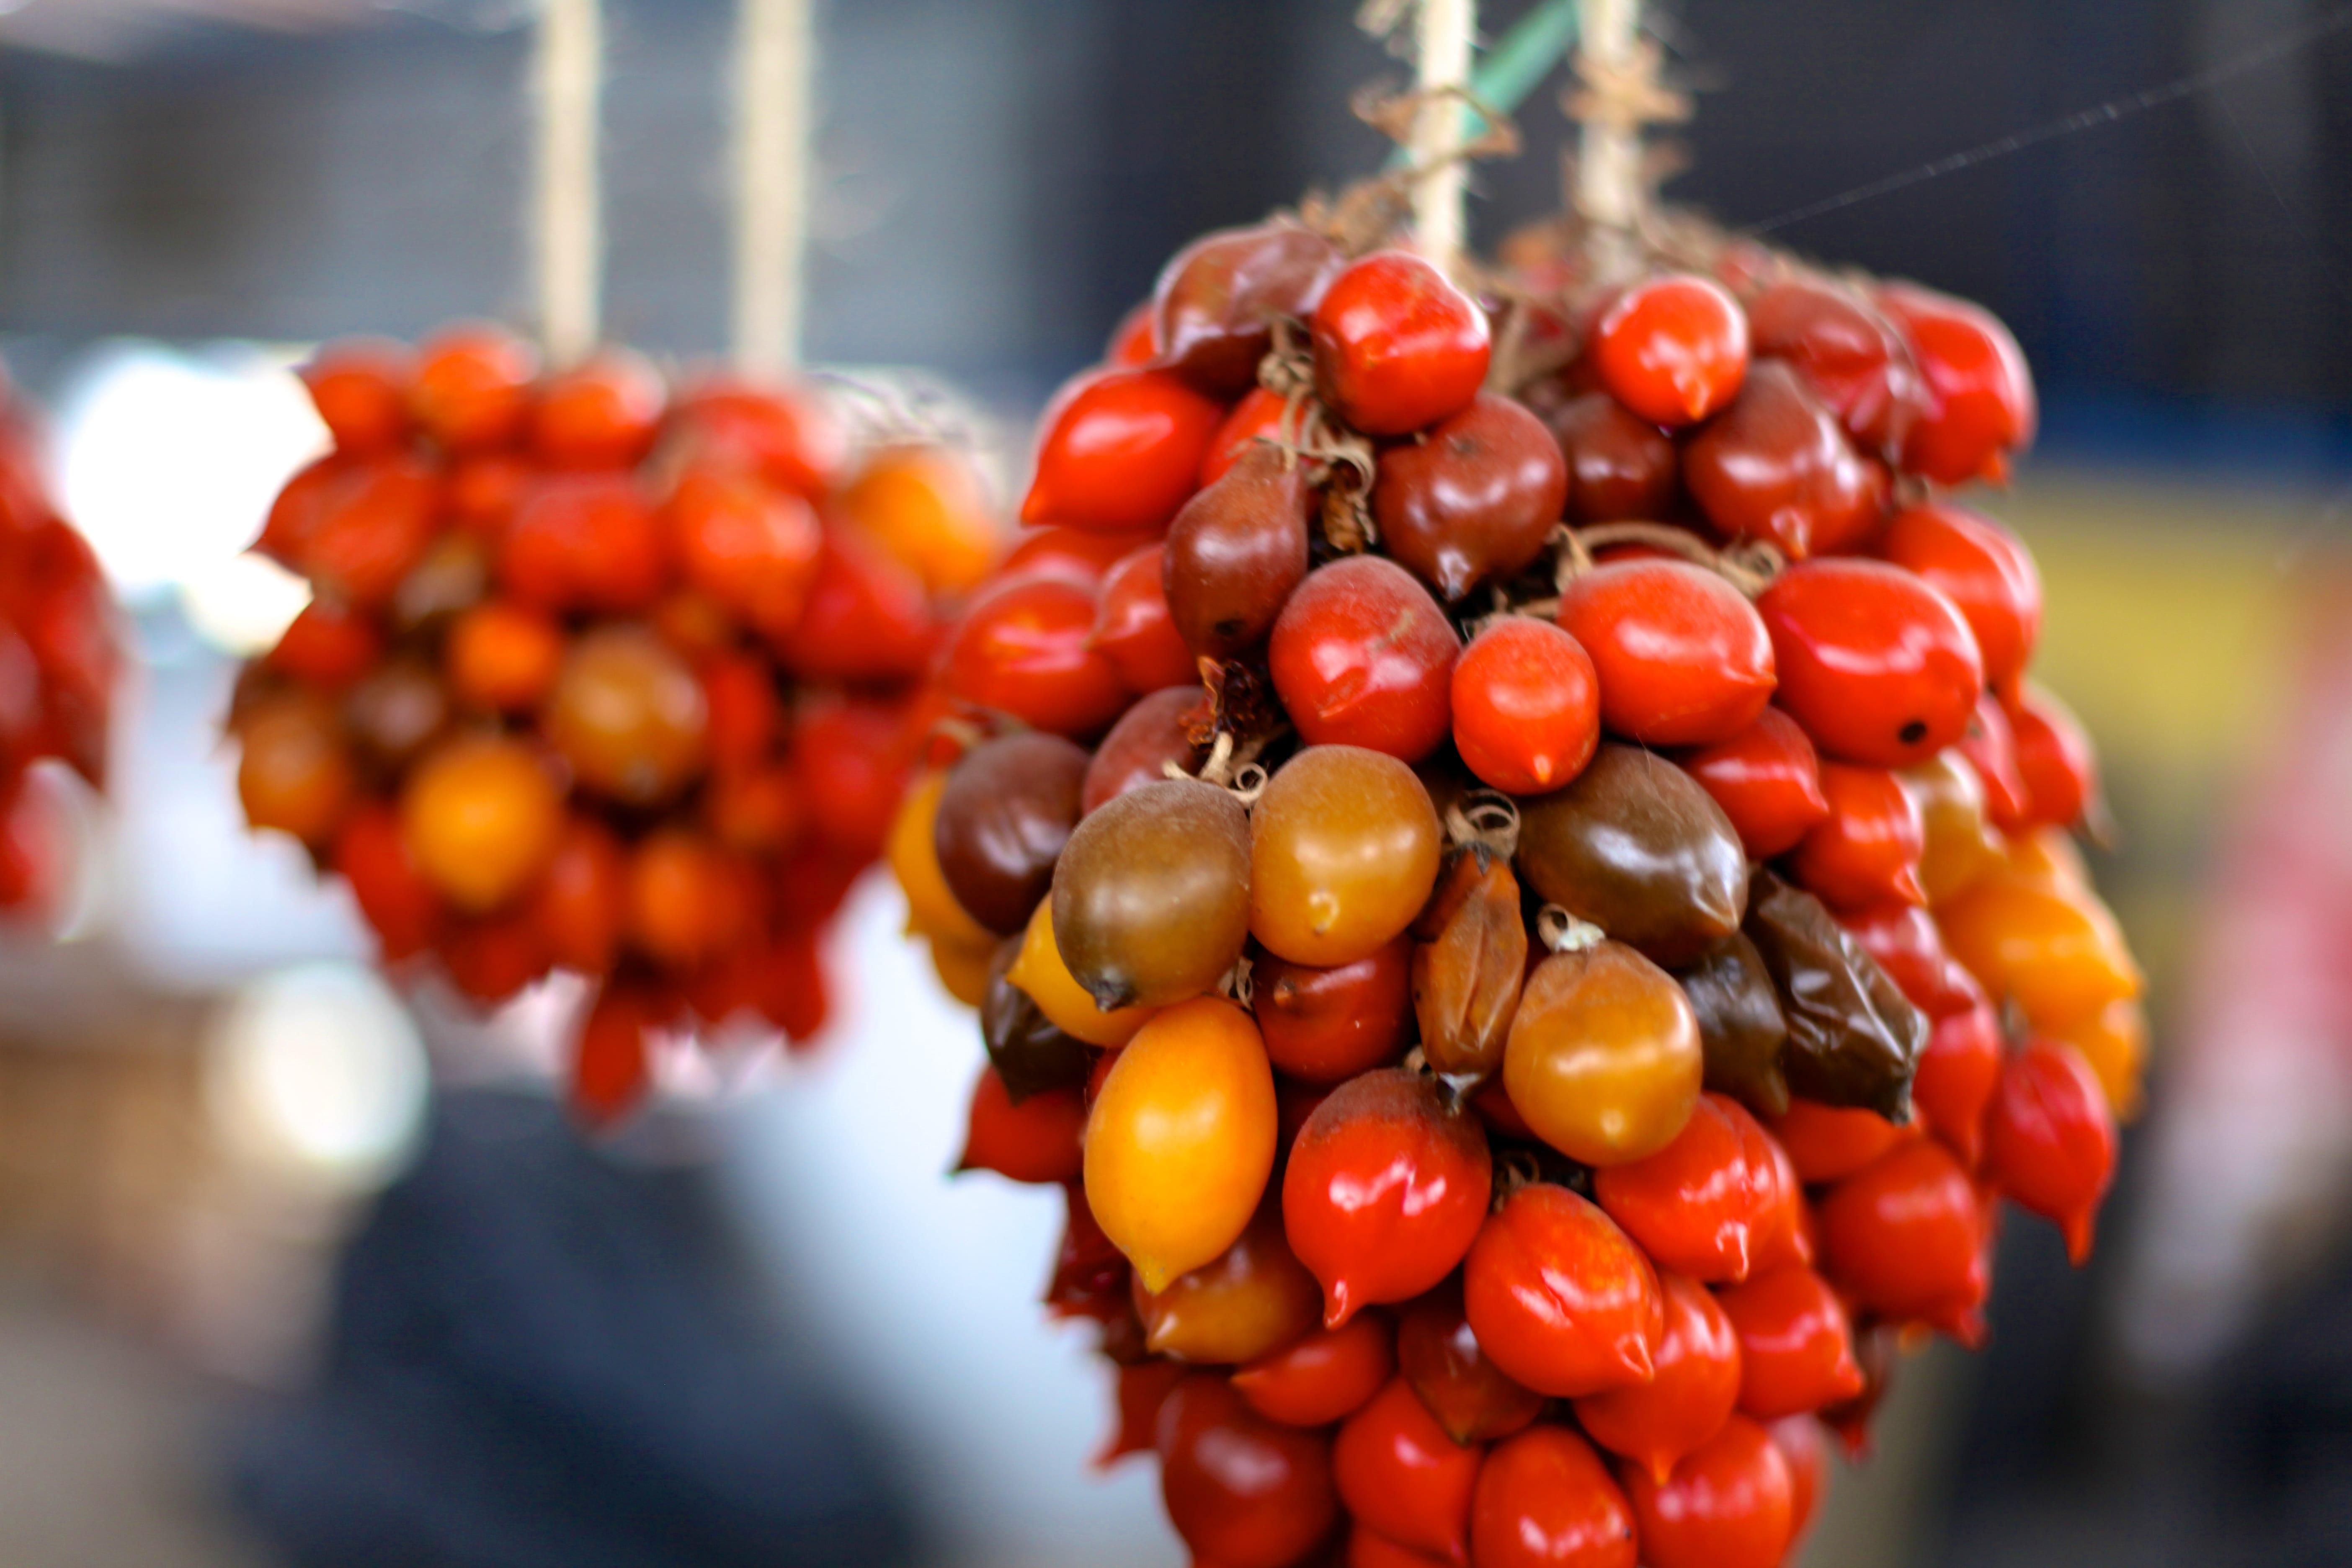 naples tomato farm